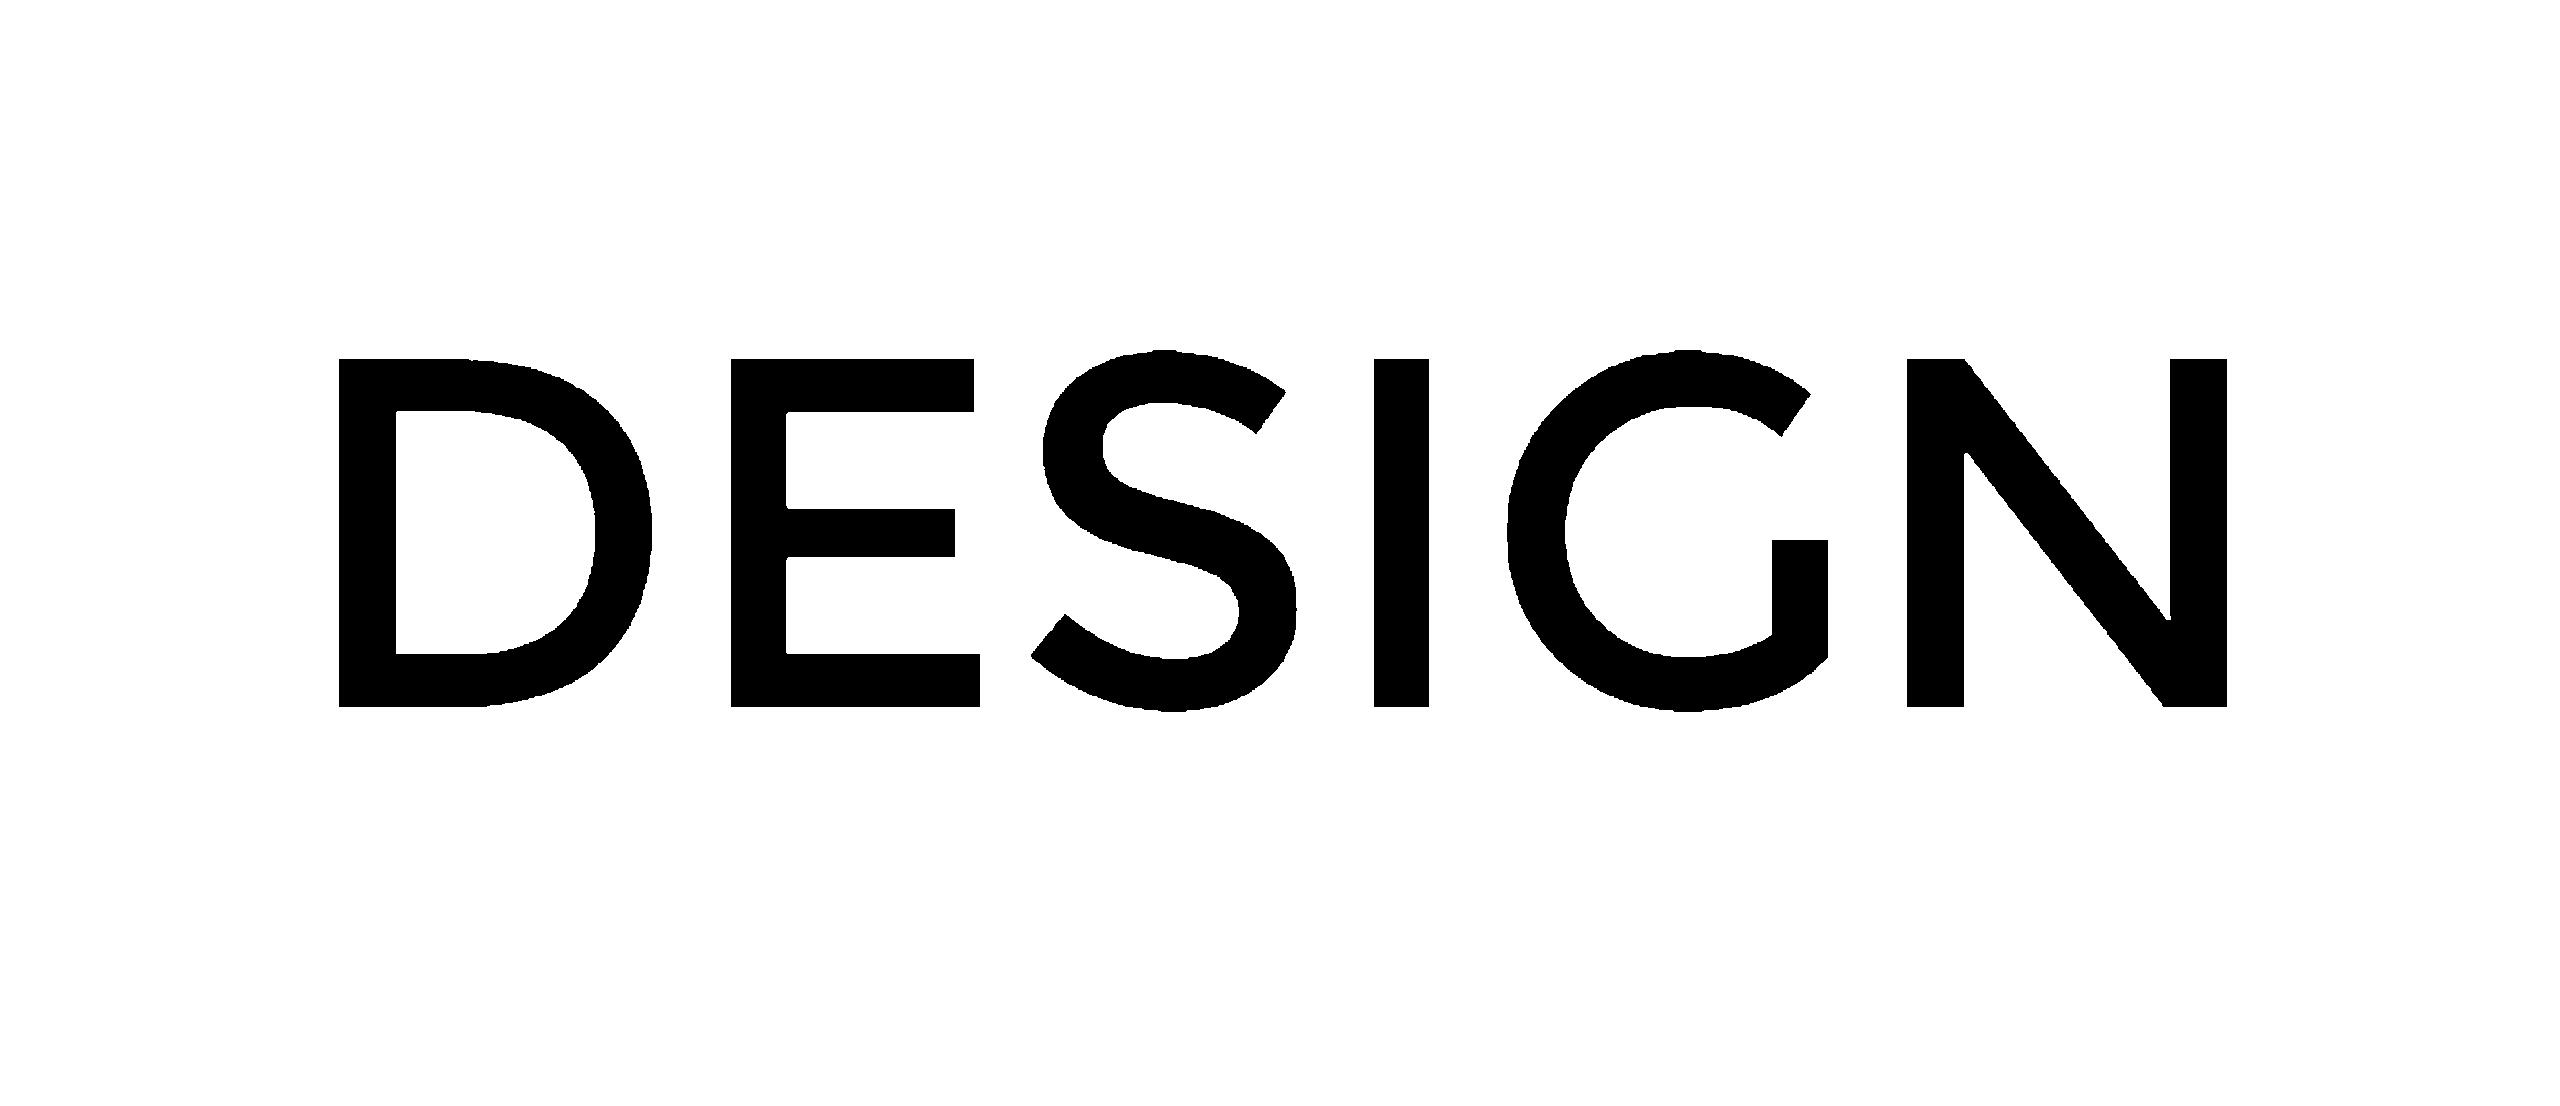 Graphic Design logo ontwerp graviteit aantrekkelijke communicatie content concept